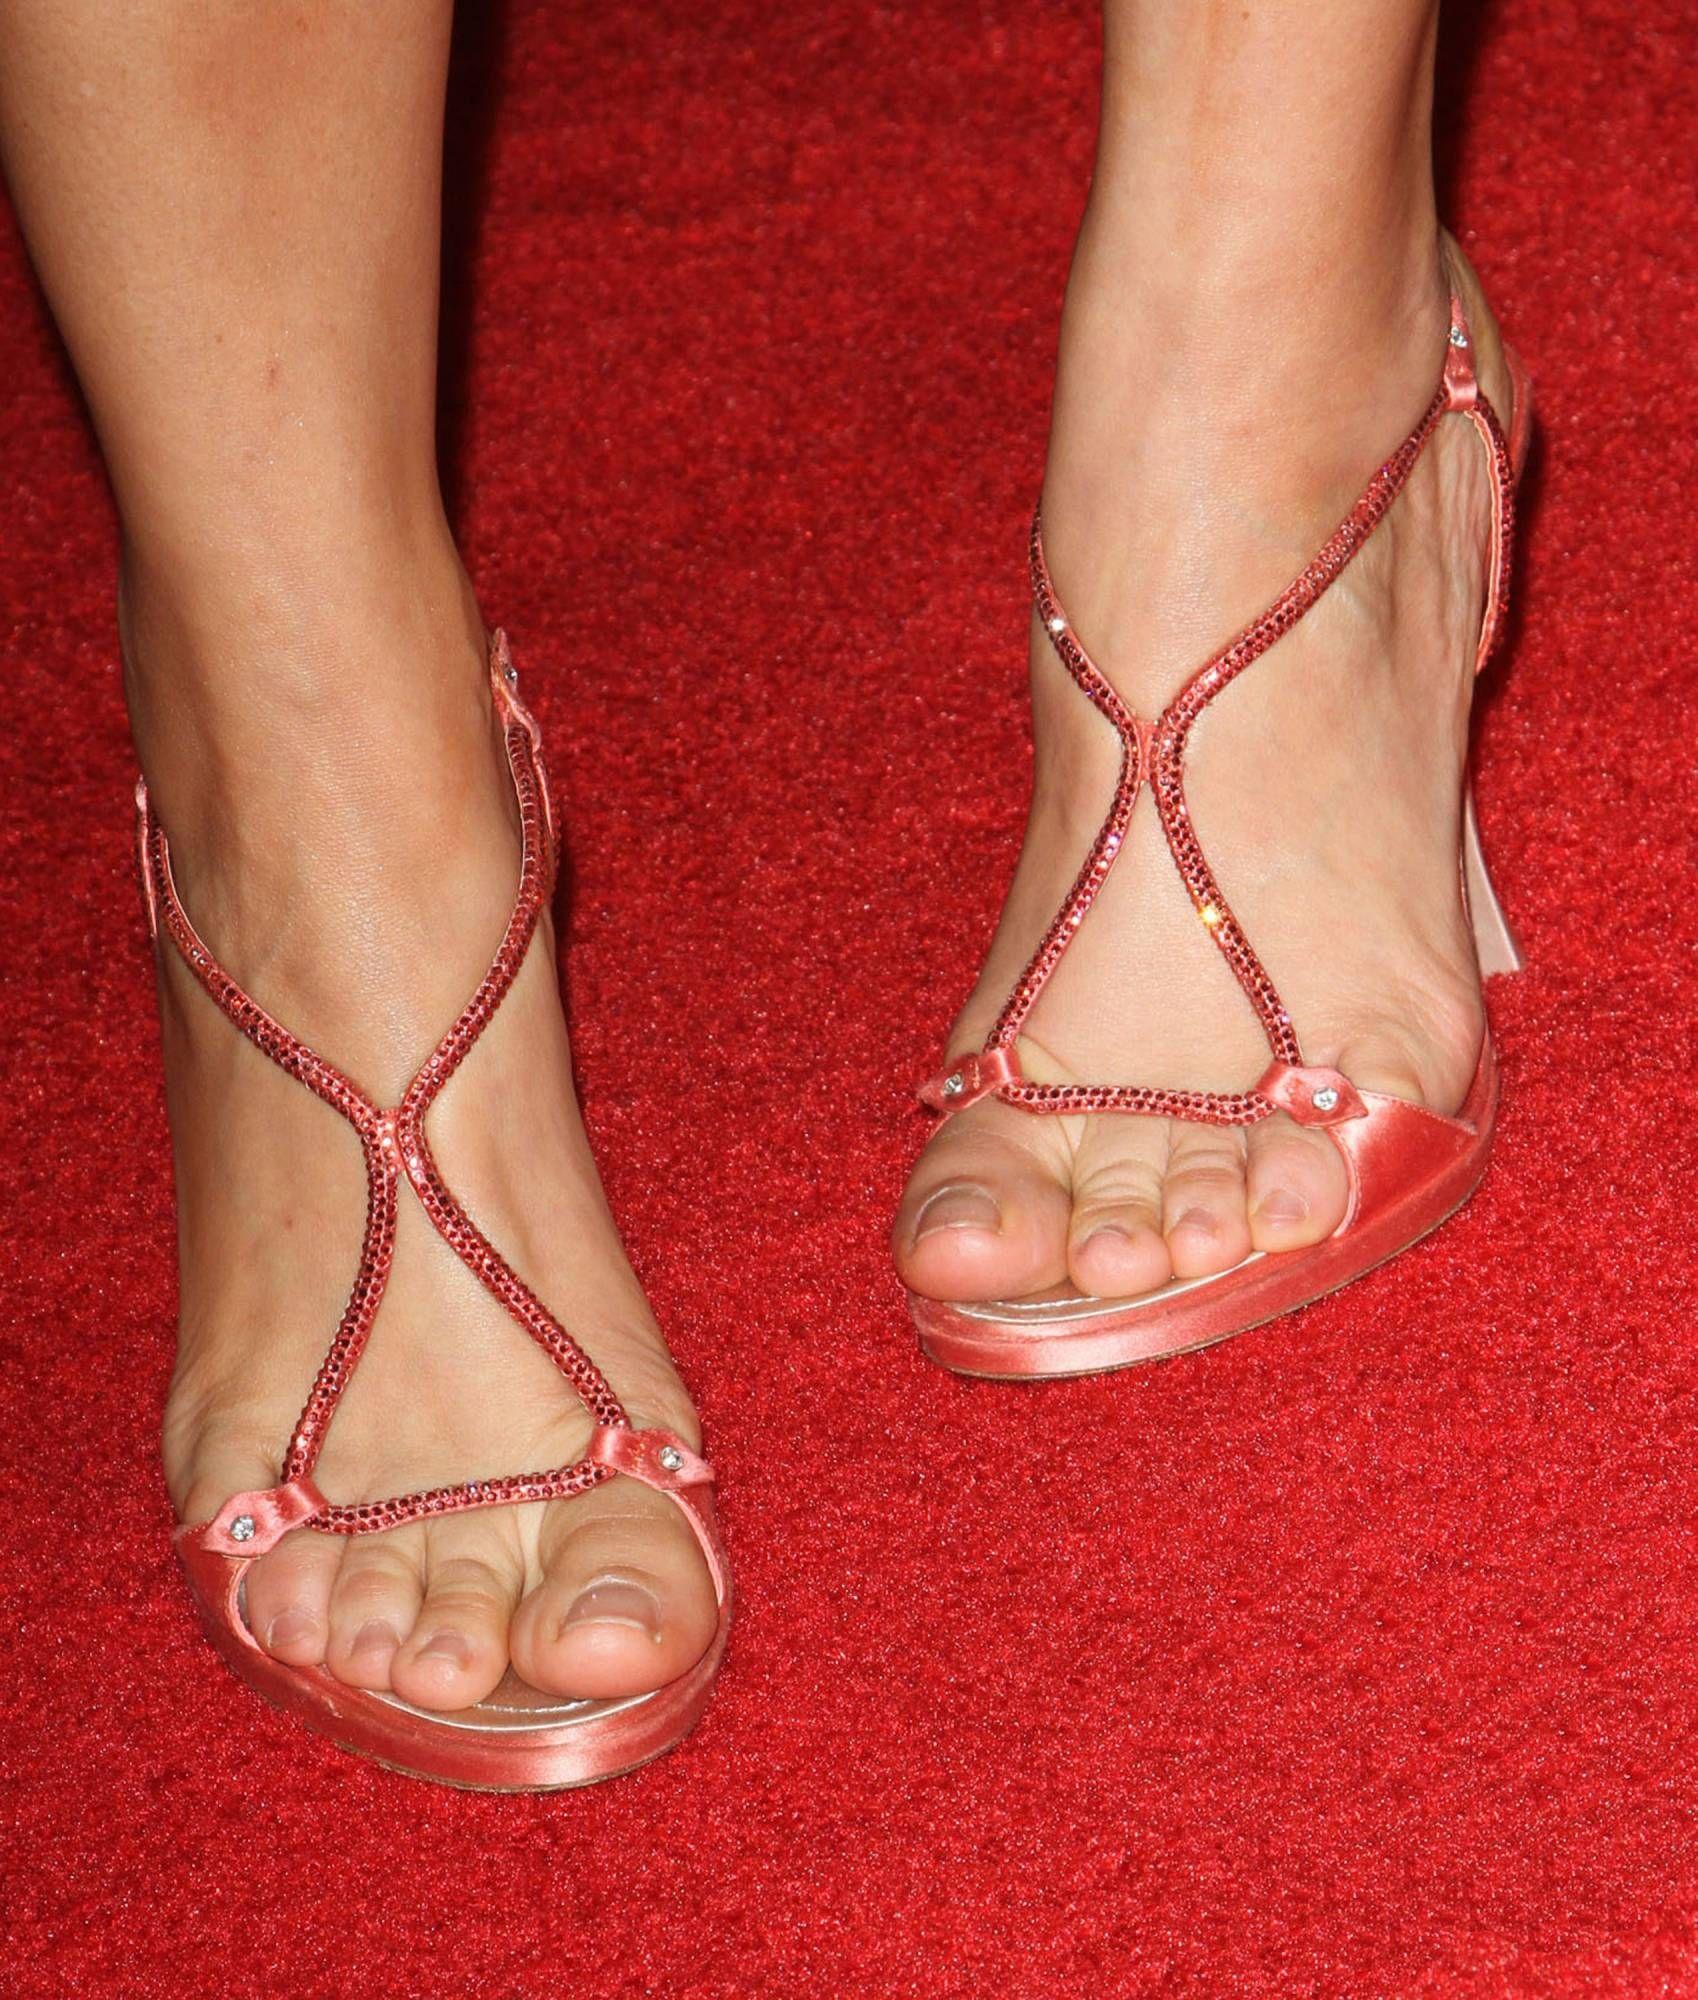 Feet jeri ryan Jeri Ryan